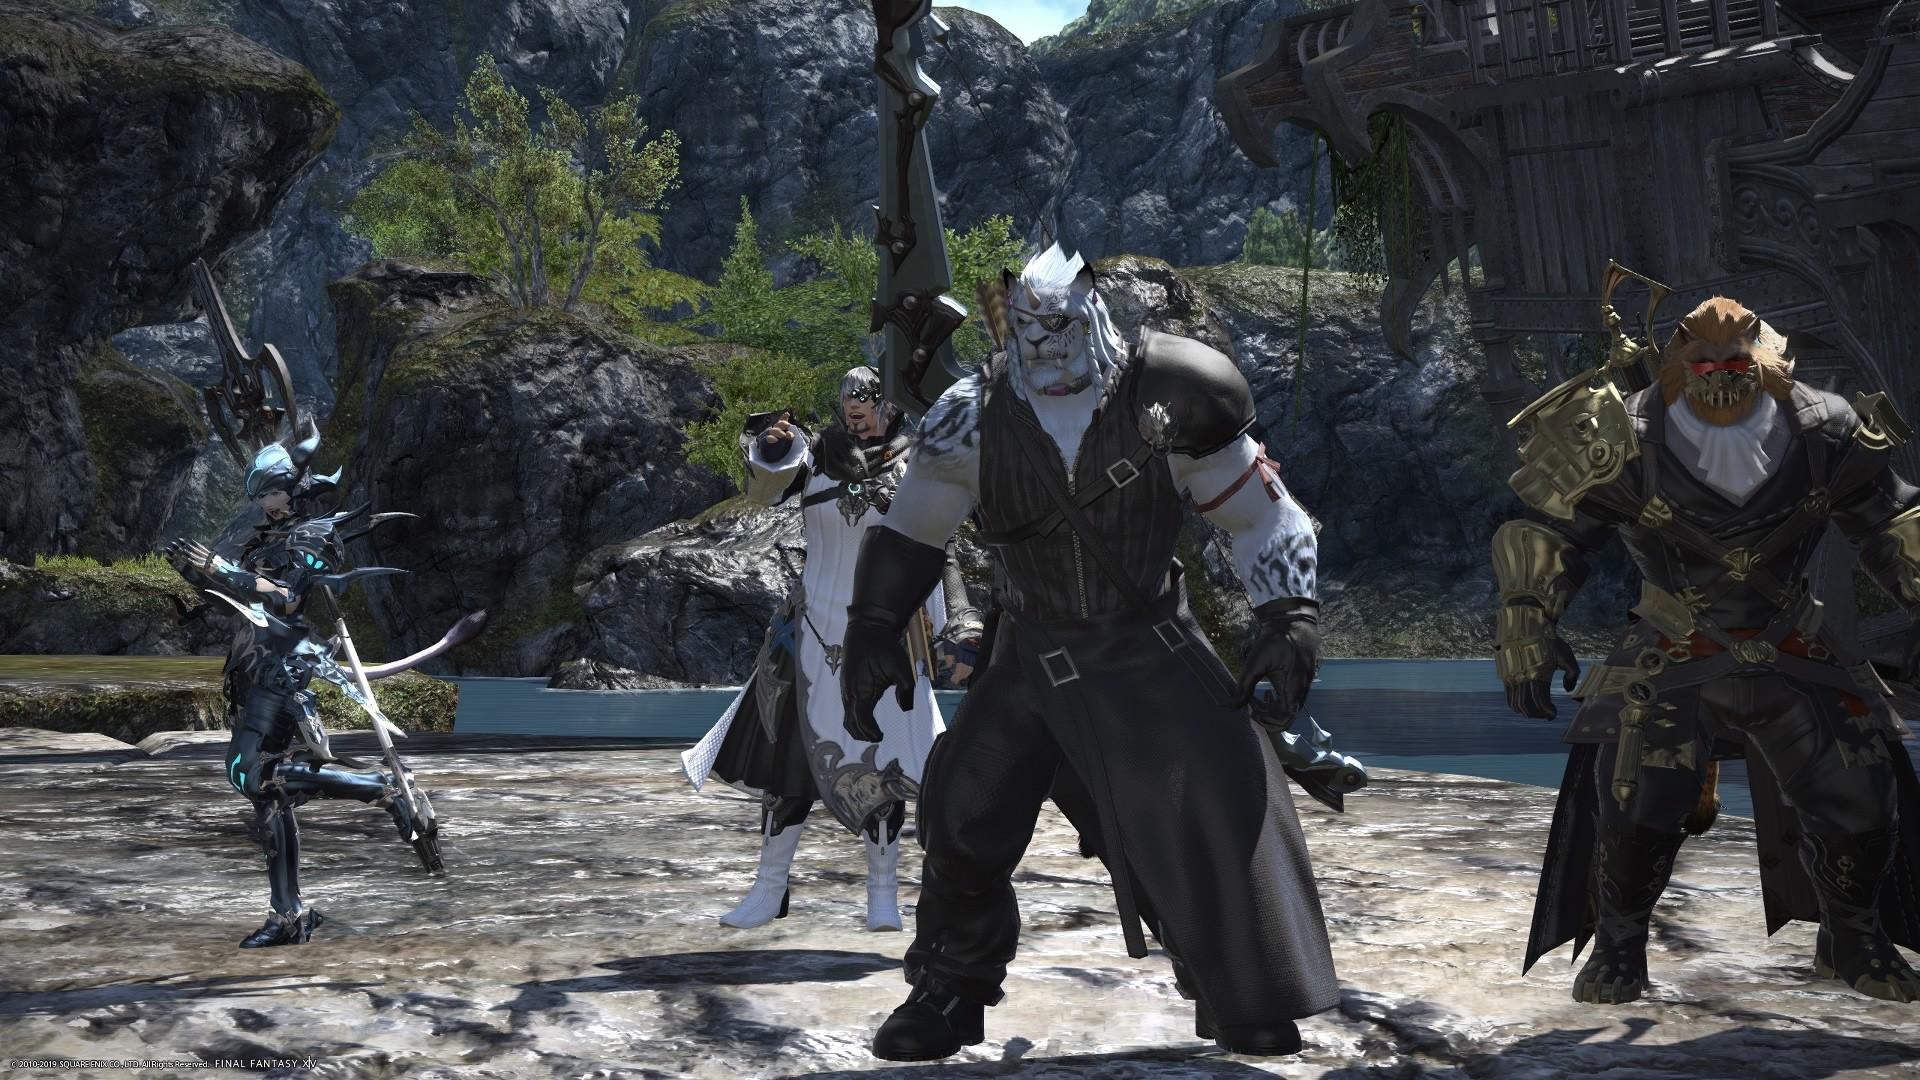 Joko bikain asko ateratzen dira, eta ezin dut MMO Final Fantasy XIV-tik urrundu.  WoW-ek ez zuen horrela atera